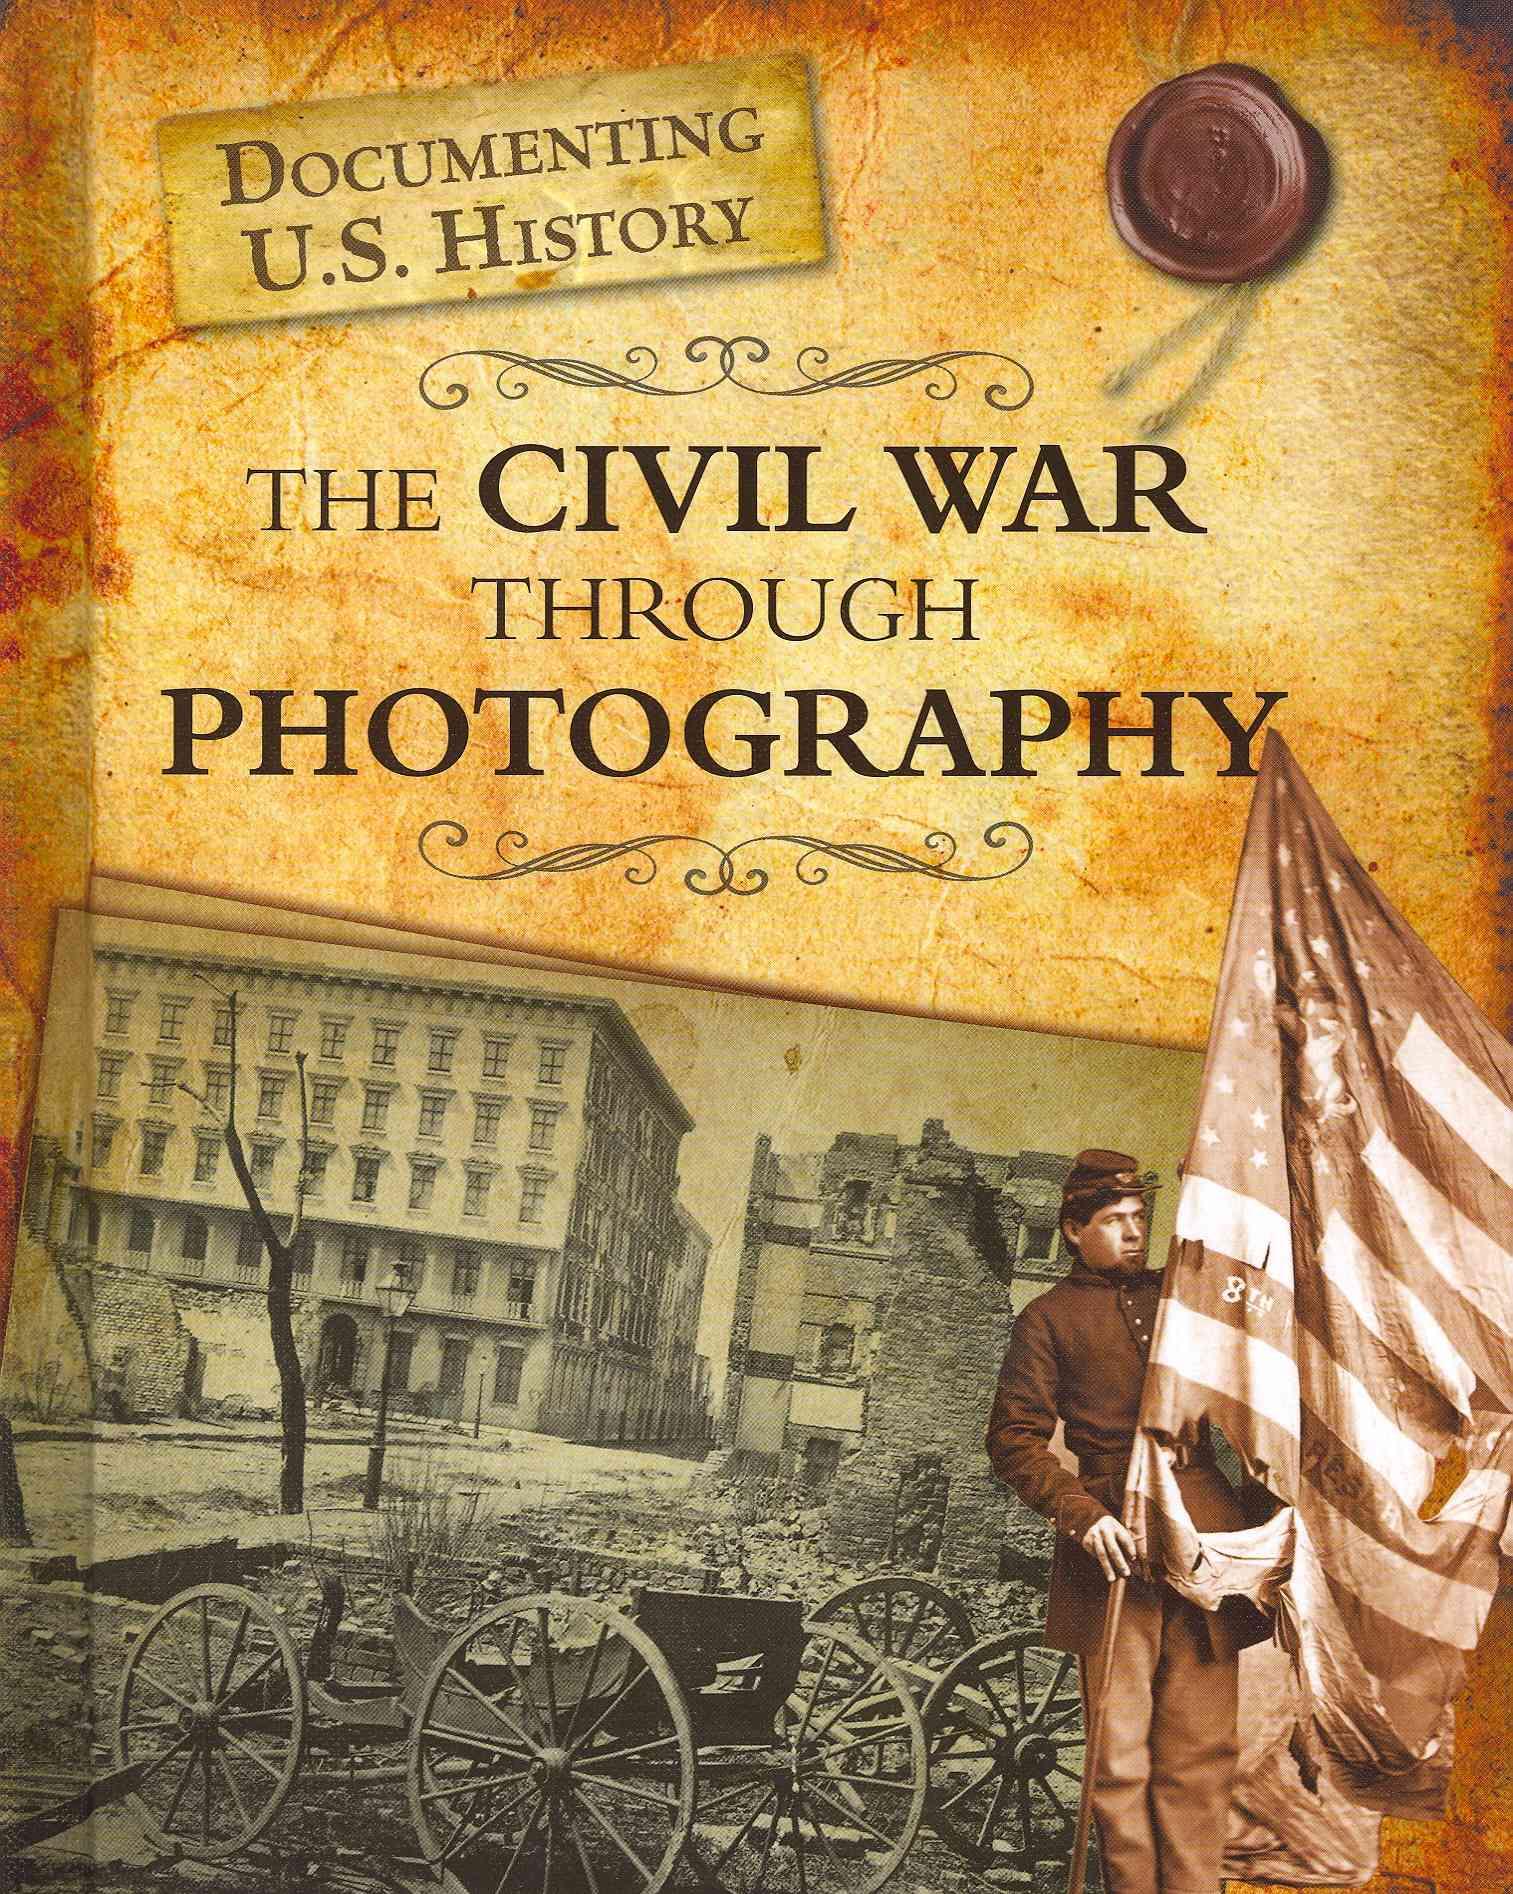 The Civil War Through Photography By Stille, Darlene R.